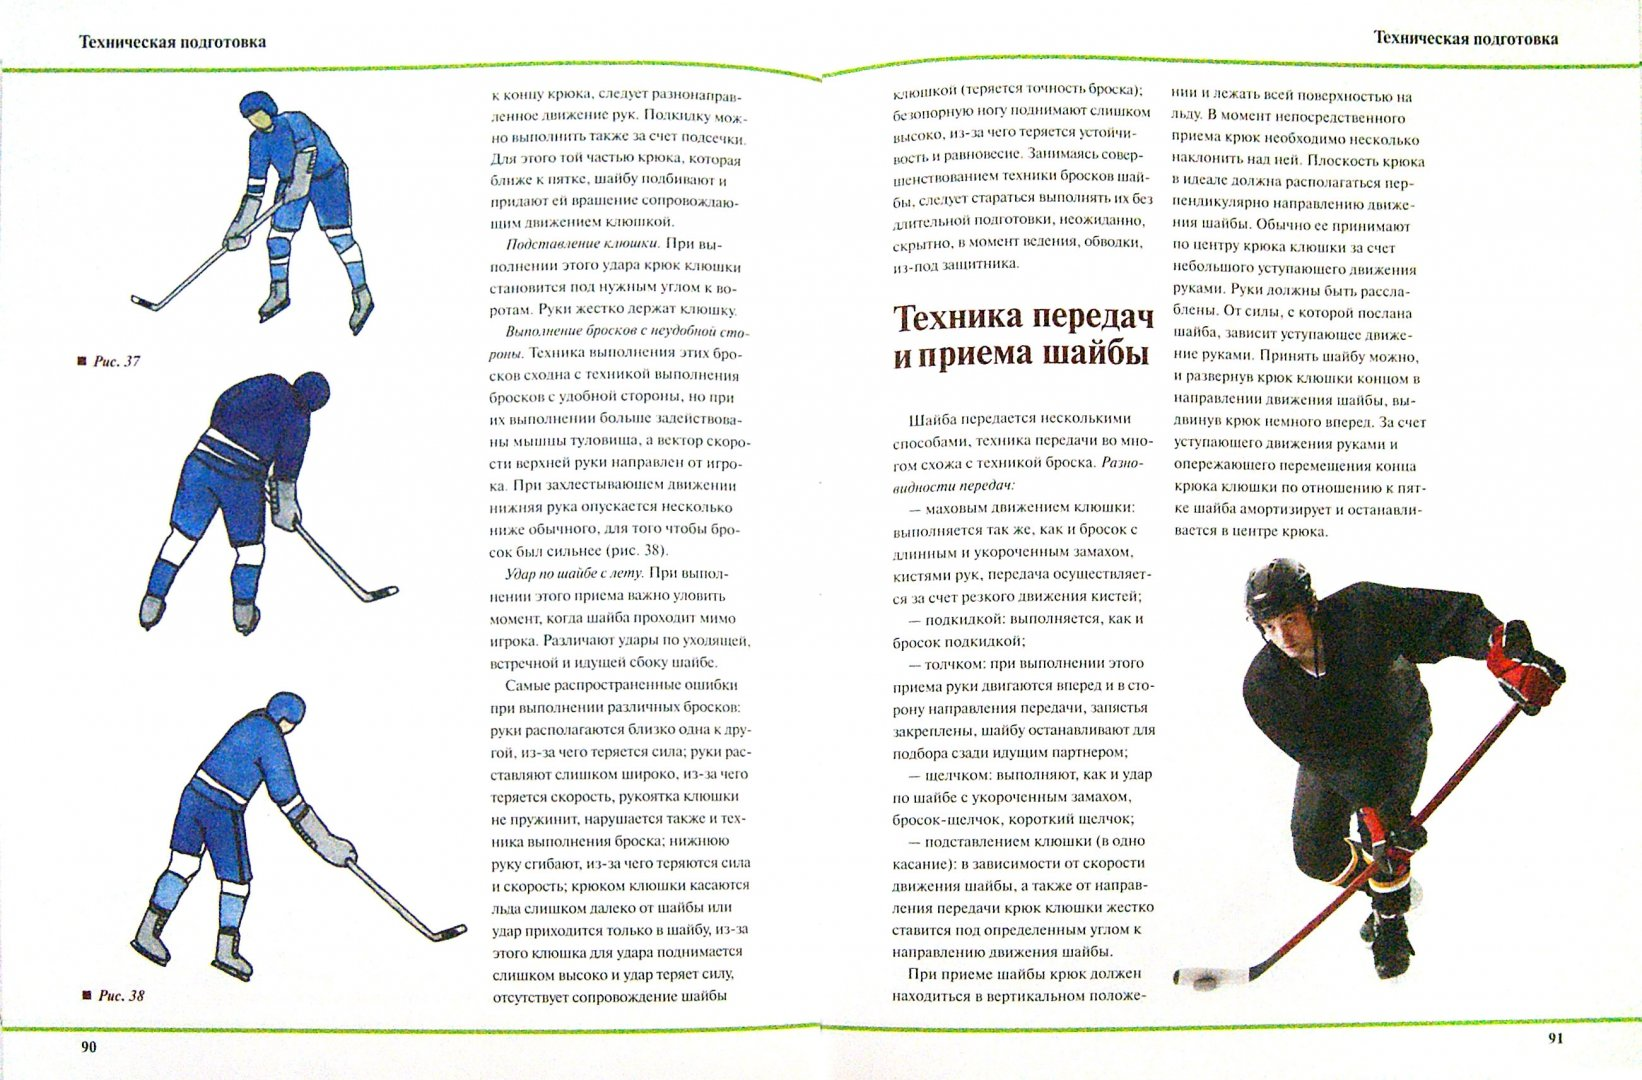 Иллюстрация 1 из 10 для Хоккей. Самый полный самоучитель. Лучшая книга для начинающих - Ханников, Мельников   Лабиринт - книги. Источник: Лабиринт